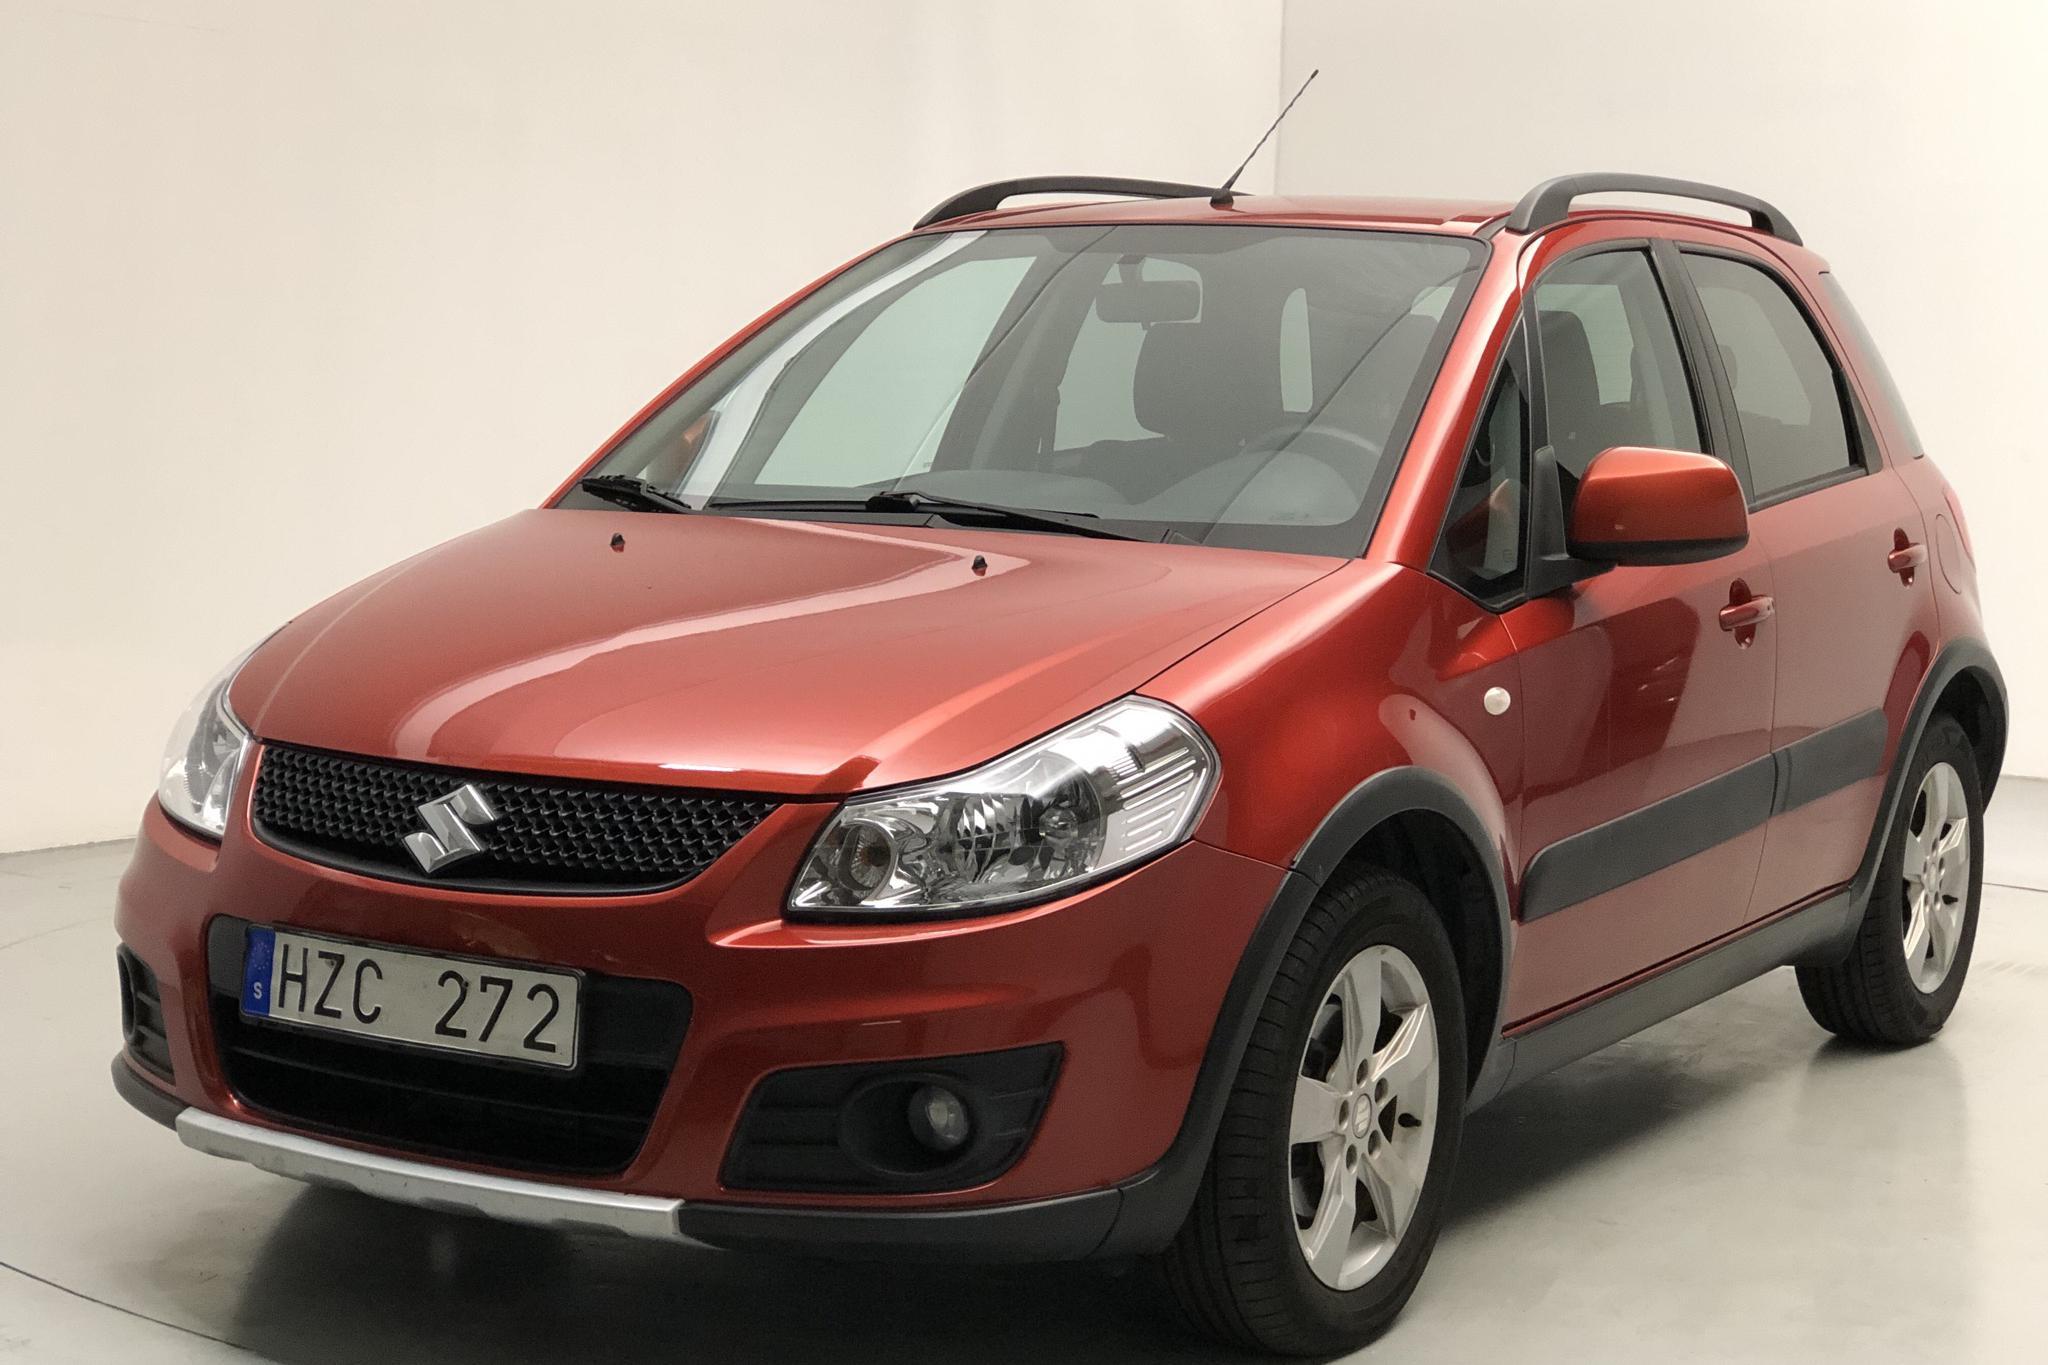 Suzuki SX4 1.6 (120hk) - 18 665 mil - Manuell - orange - 2011